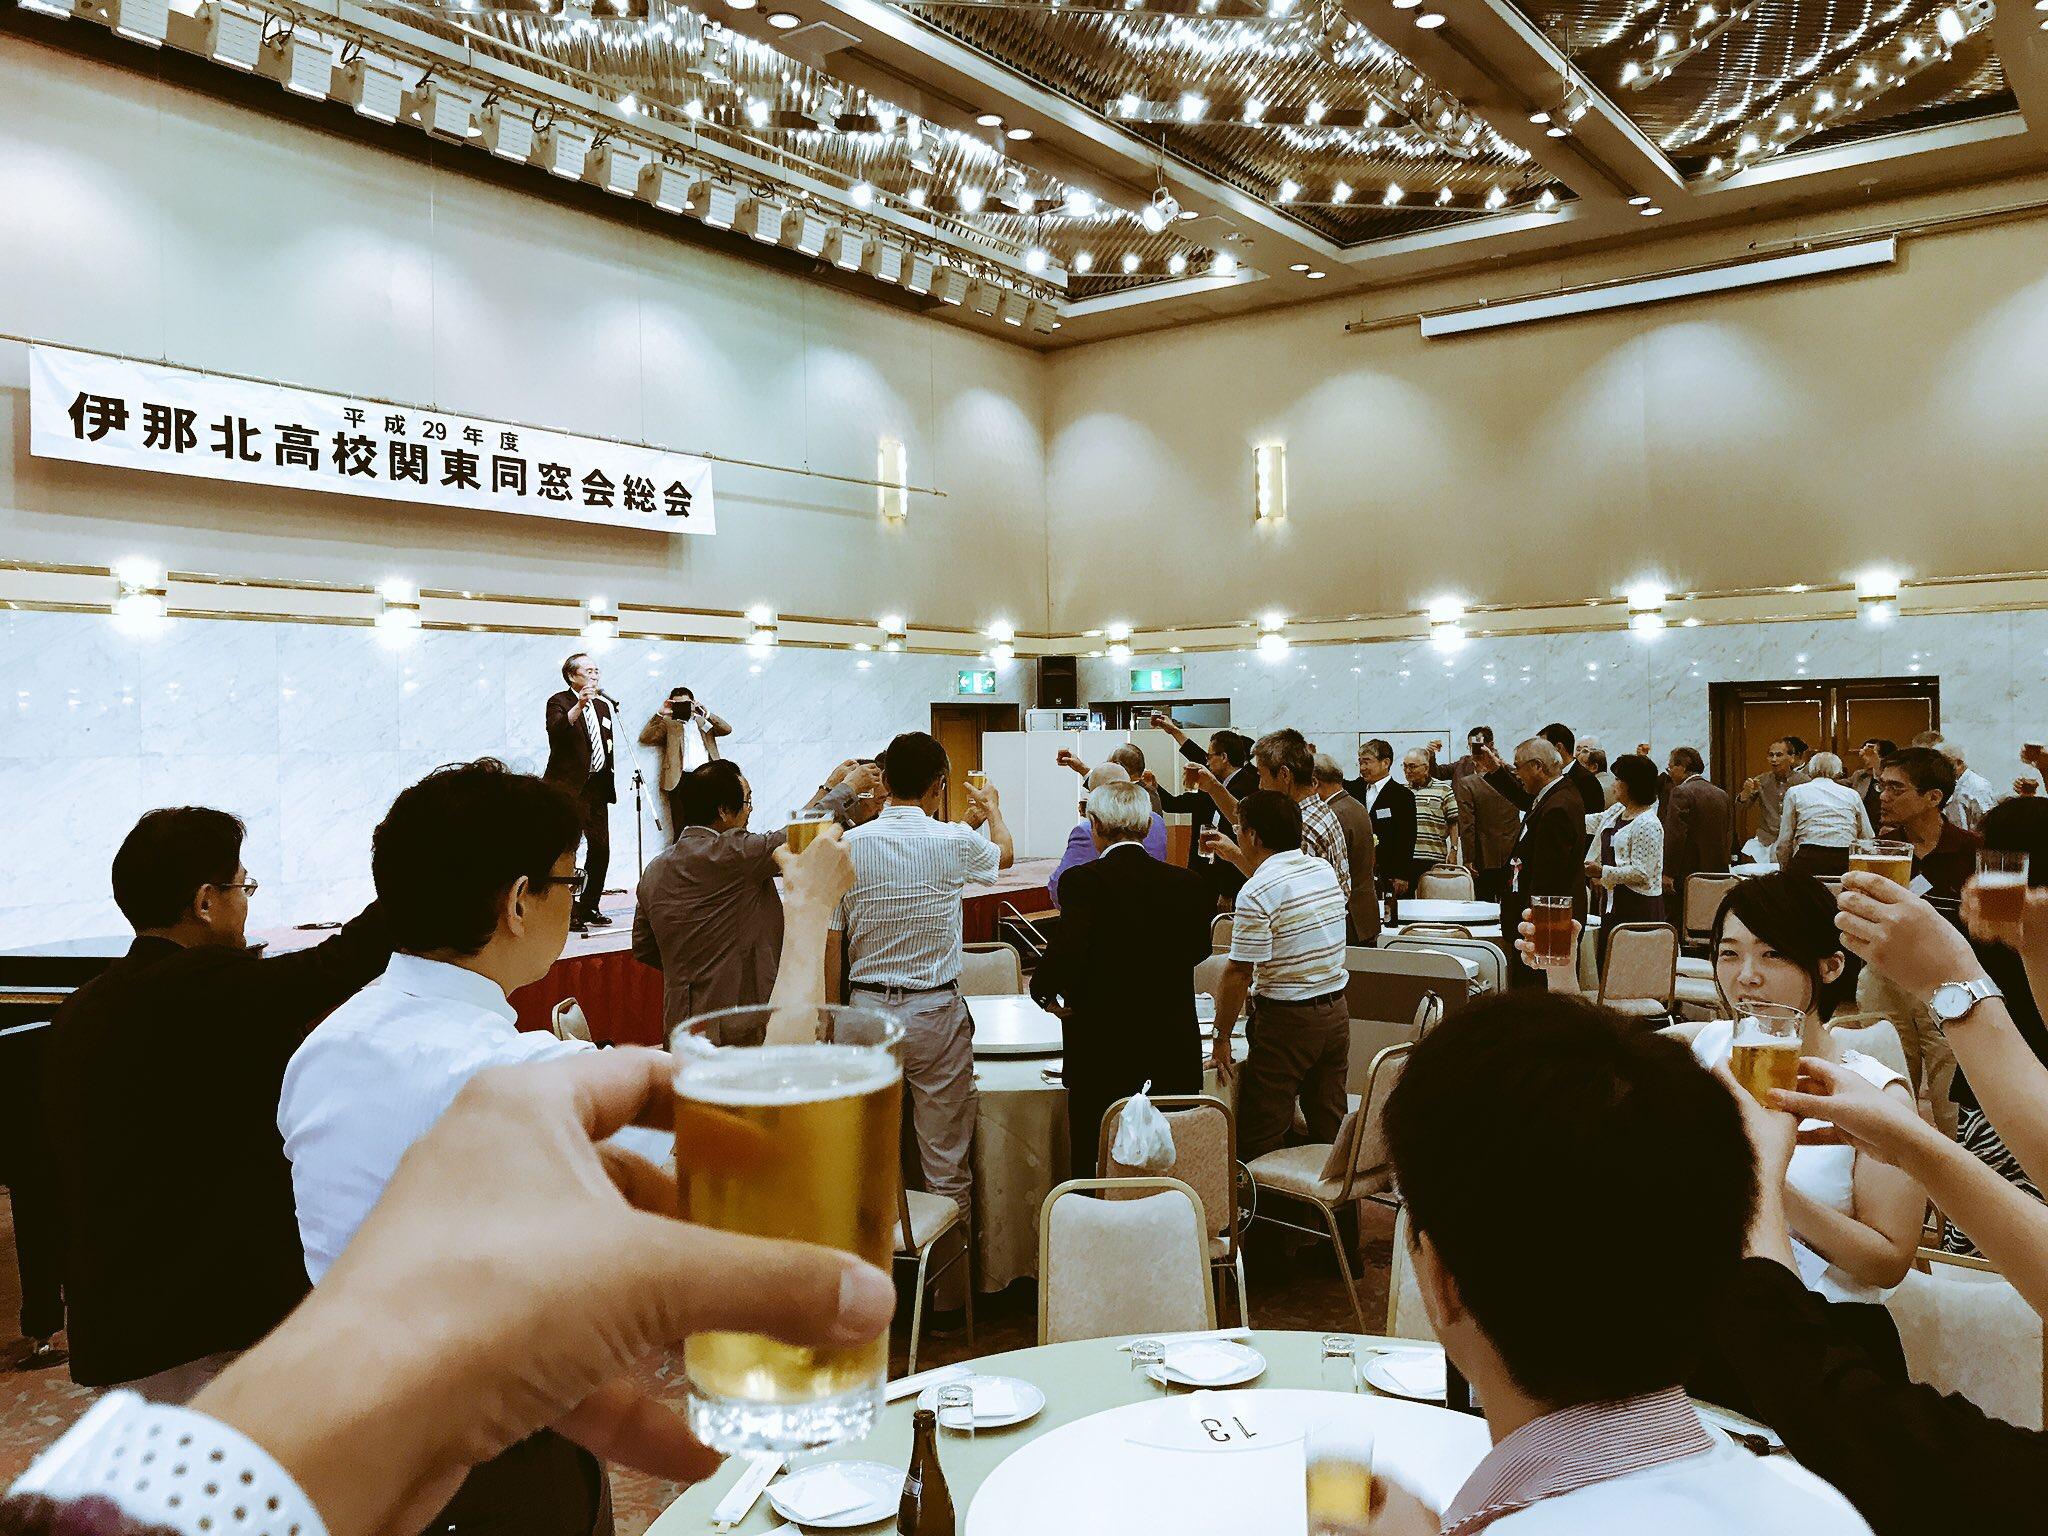 平成30年度の総会は、7月14日(土)アルカディア市ヶ谷にて開催です!